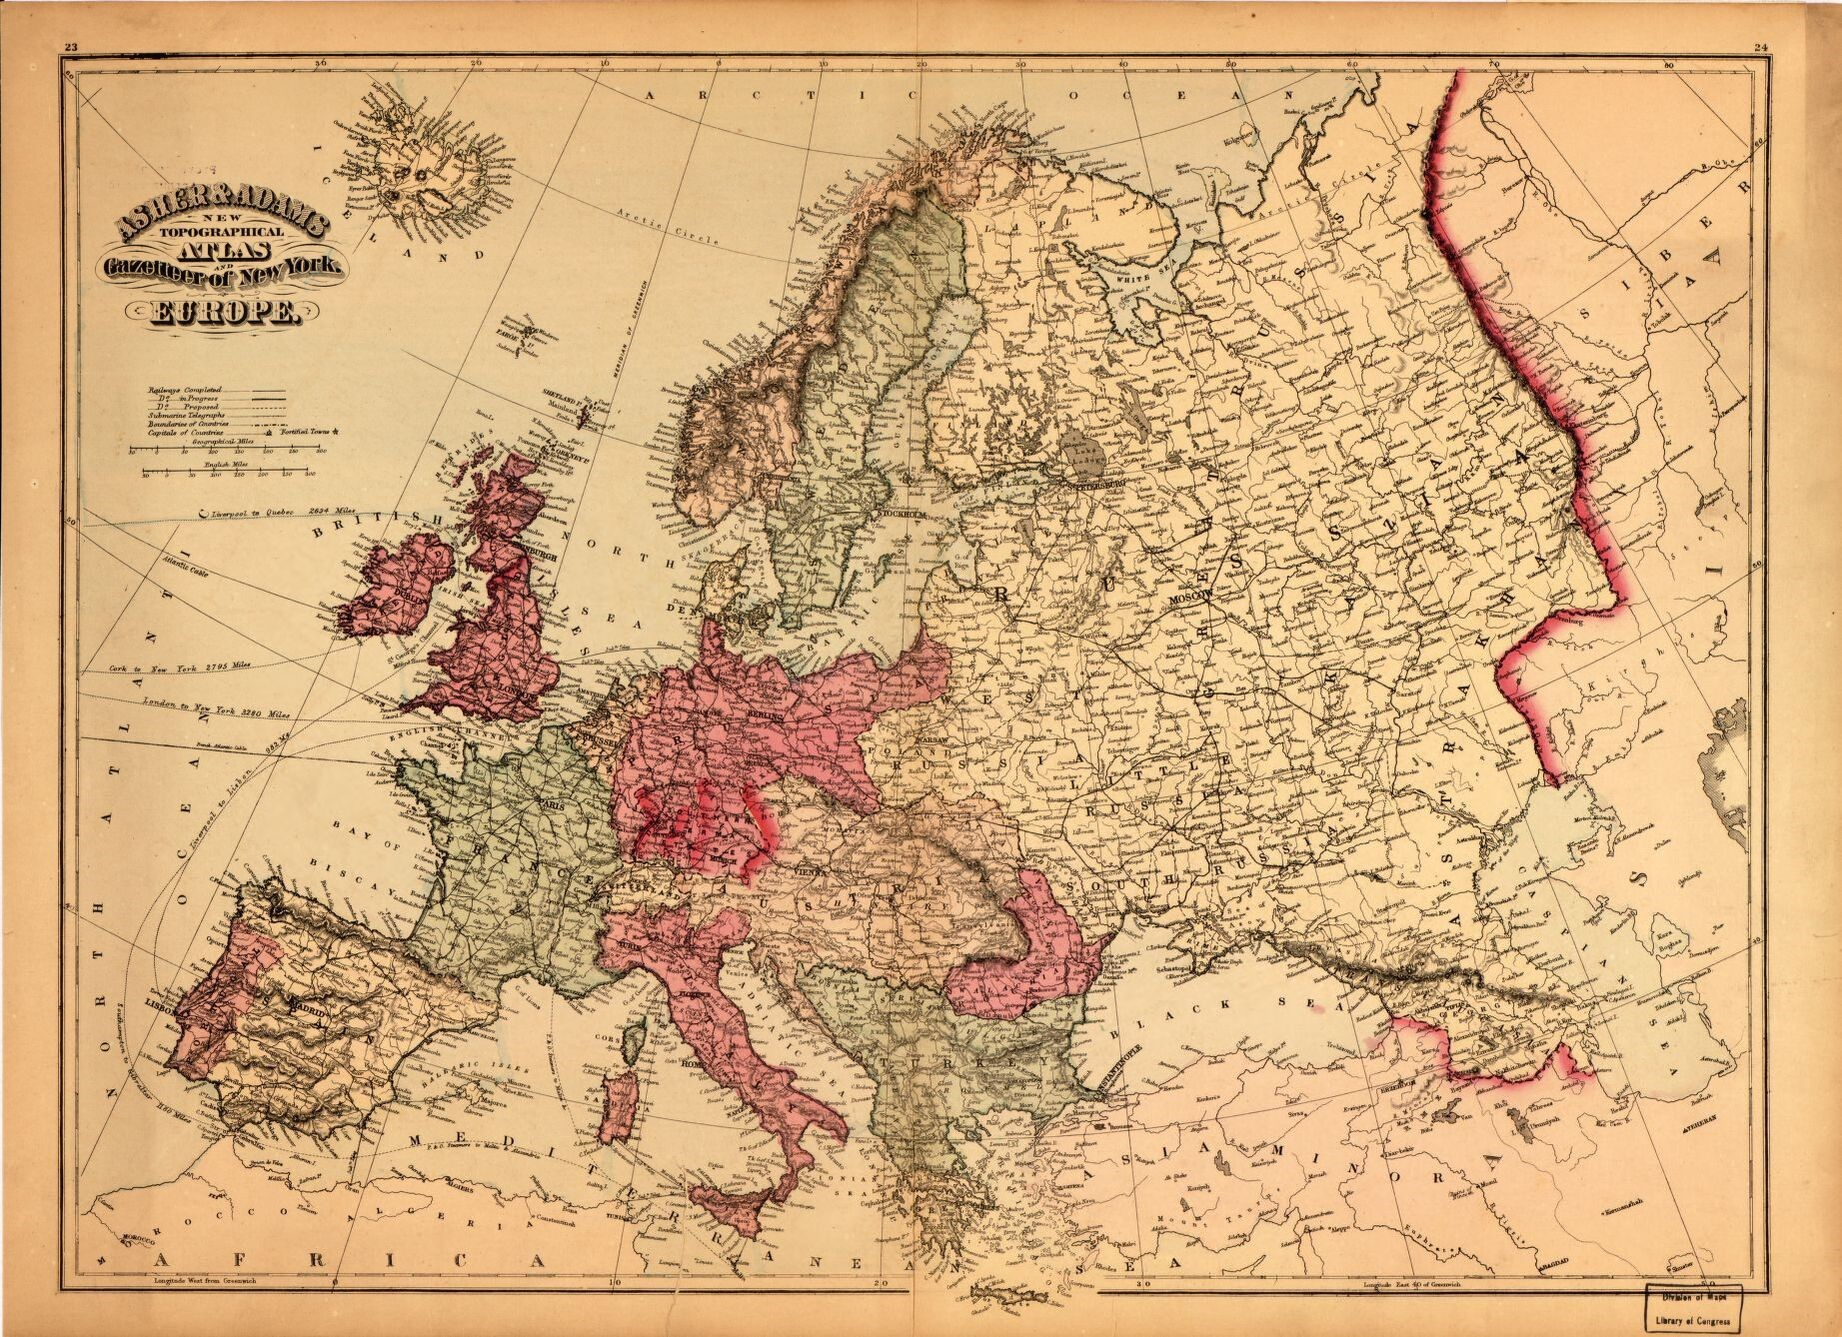 003_Library of Congress_2012590219_Europa_Karte_1871